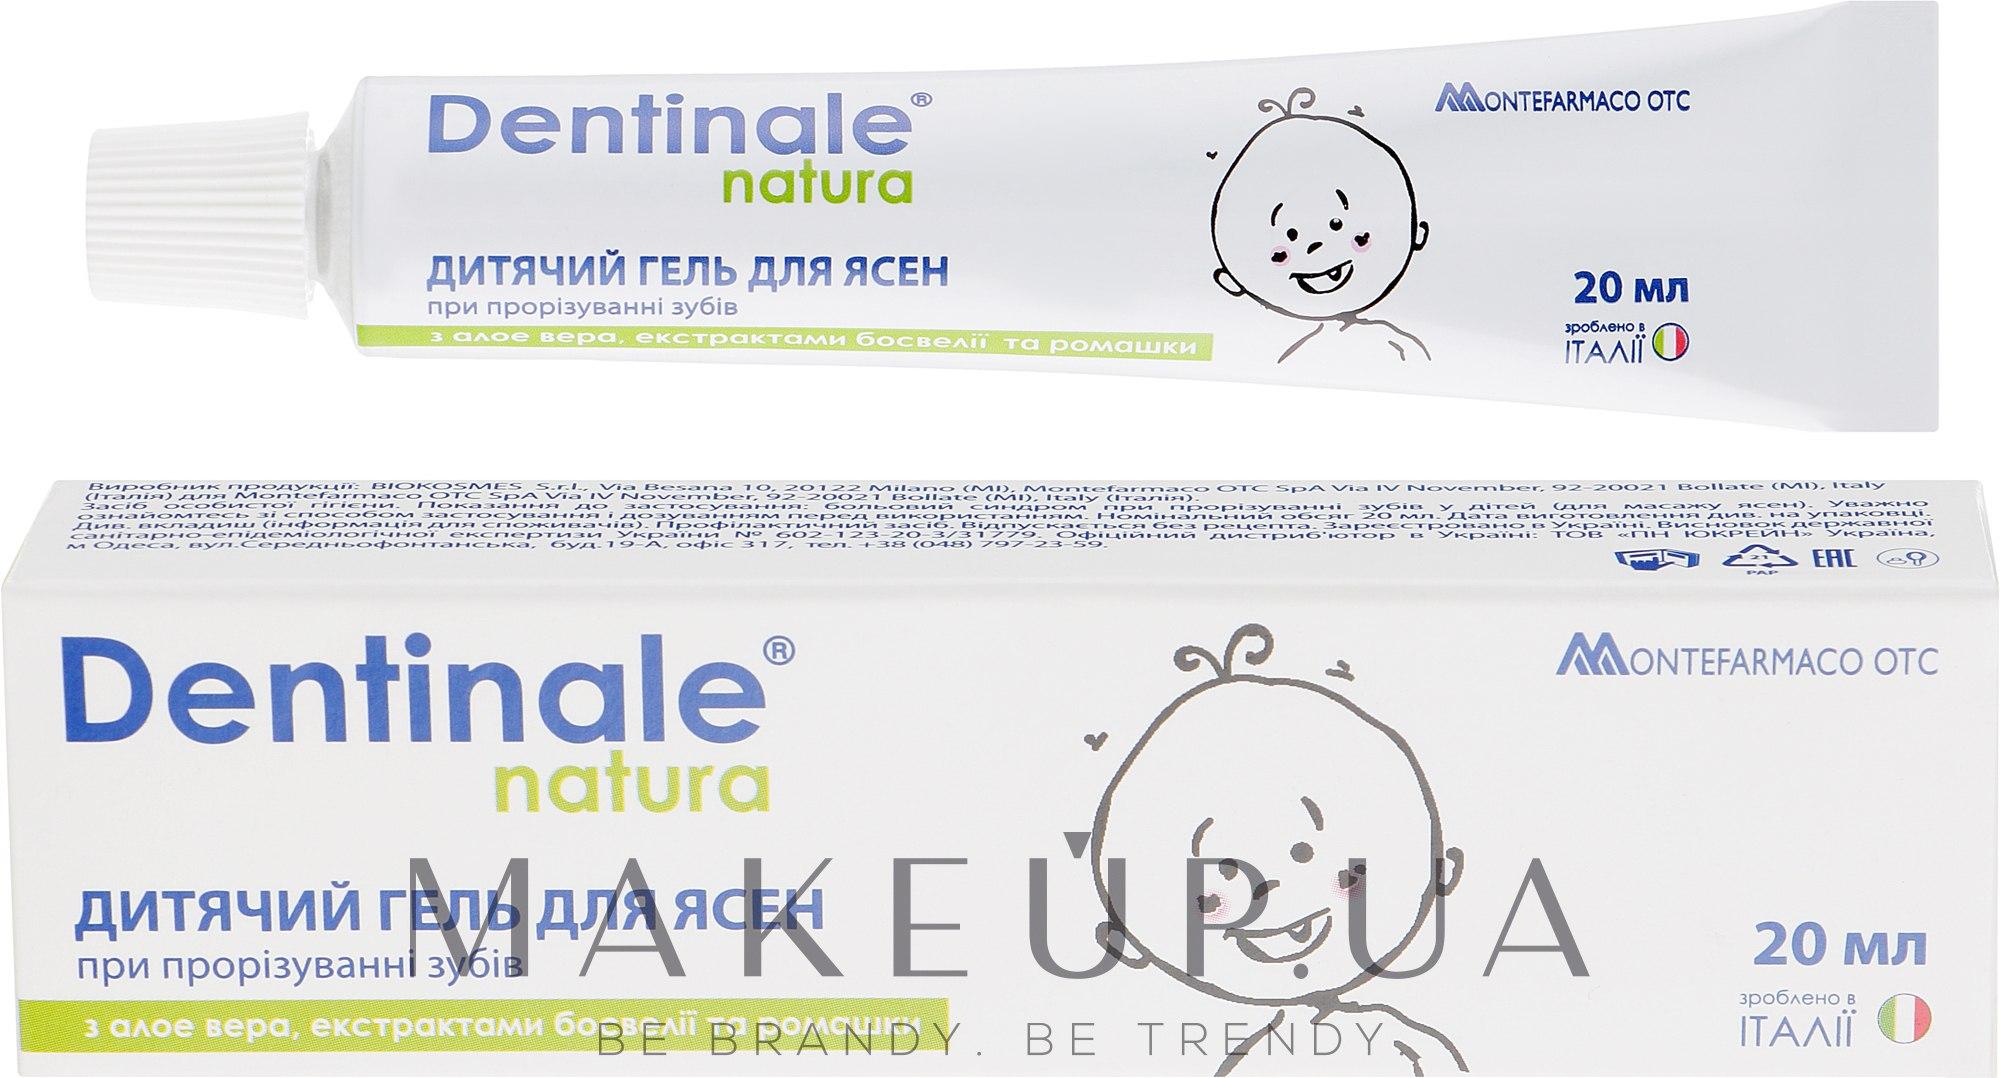 Дитячий гель для ясен, при прорізуванні зубів - Dentinale Natura — фото 20ml